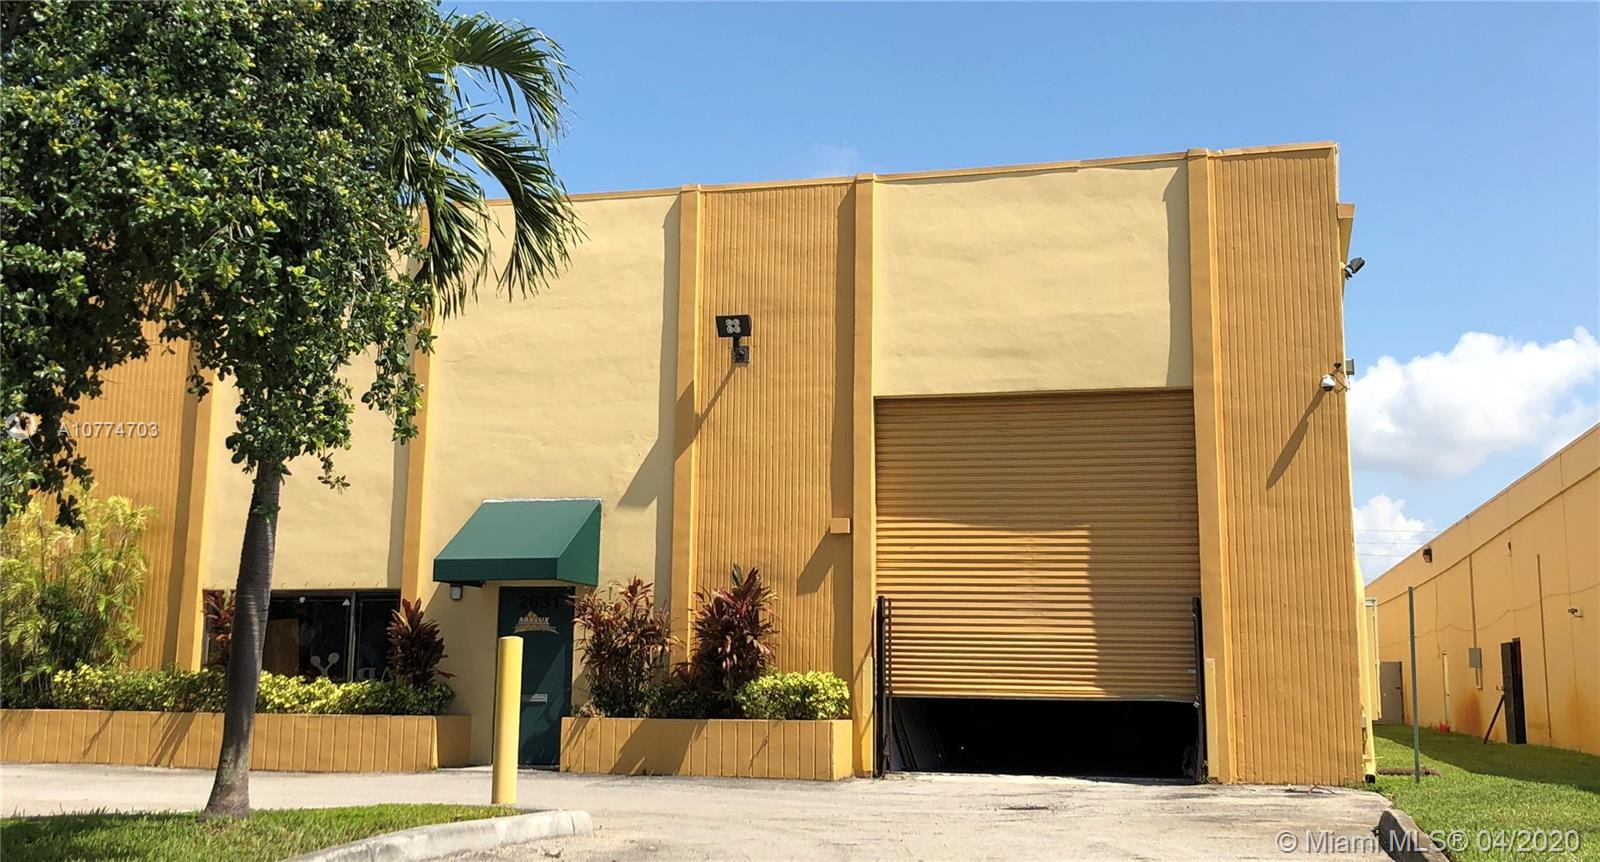 2631 W 81st St, Hialeah, FL 33016